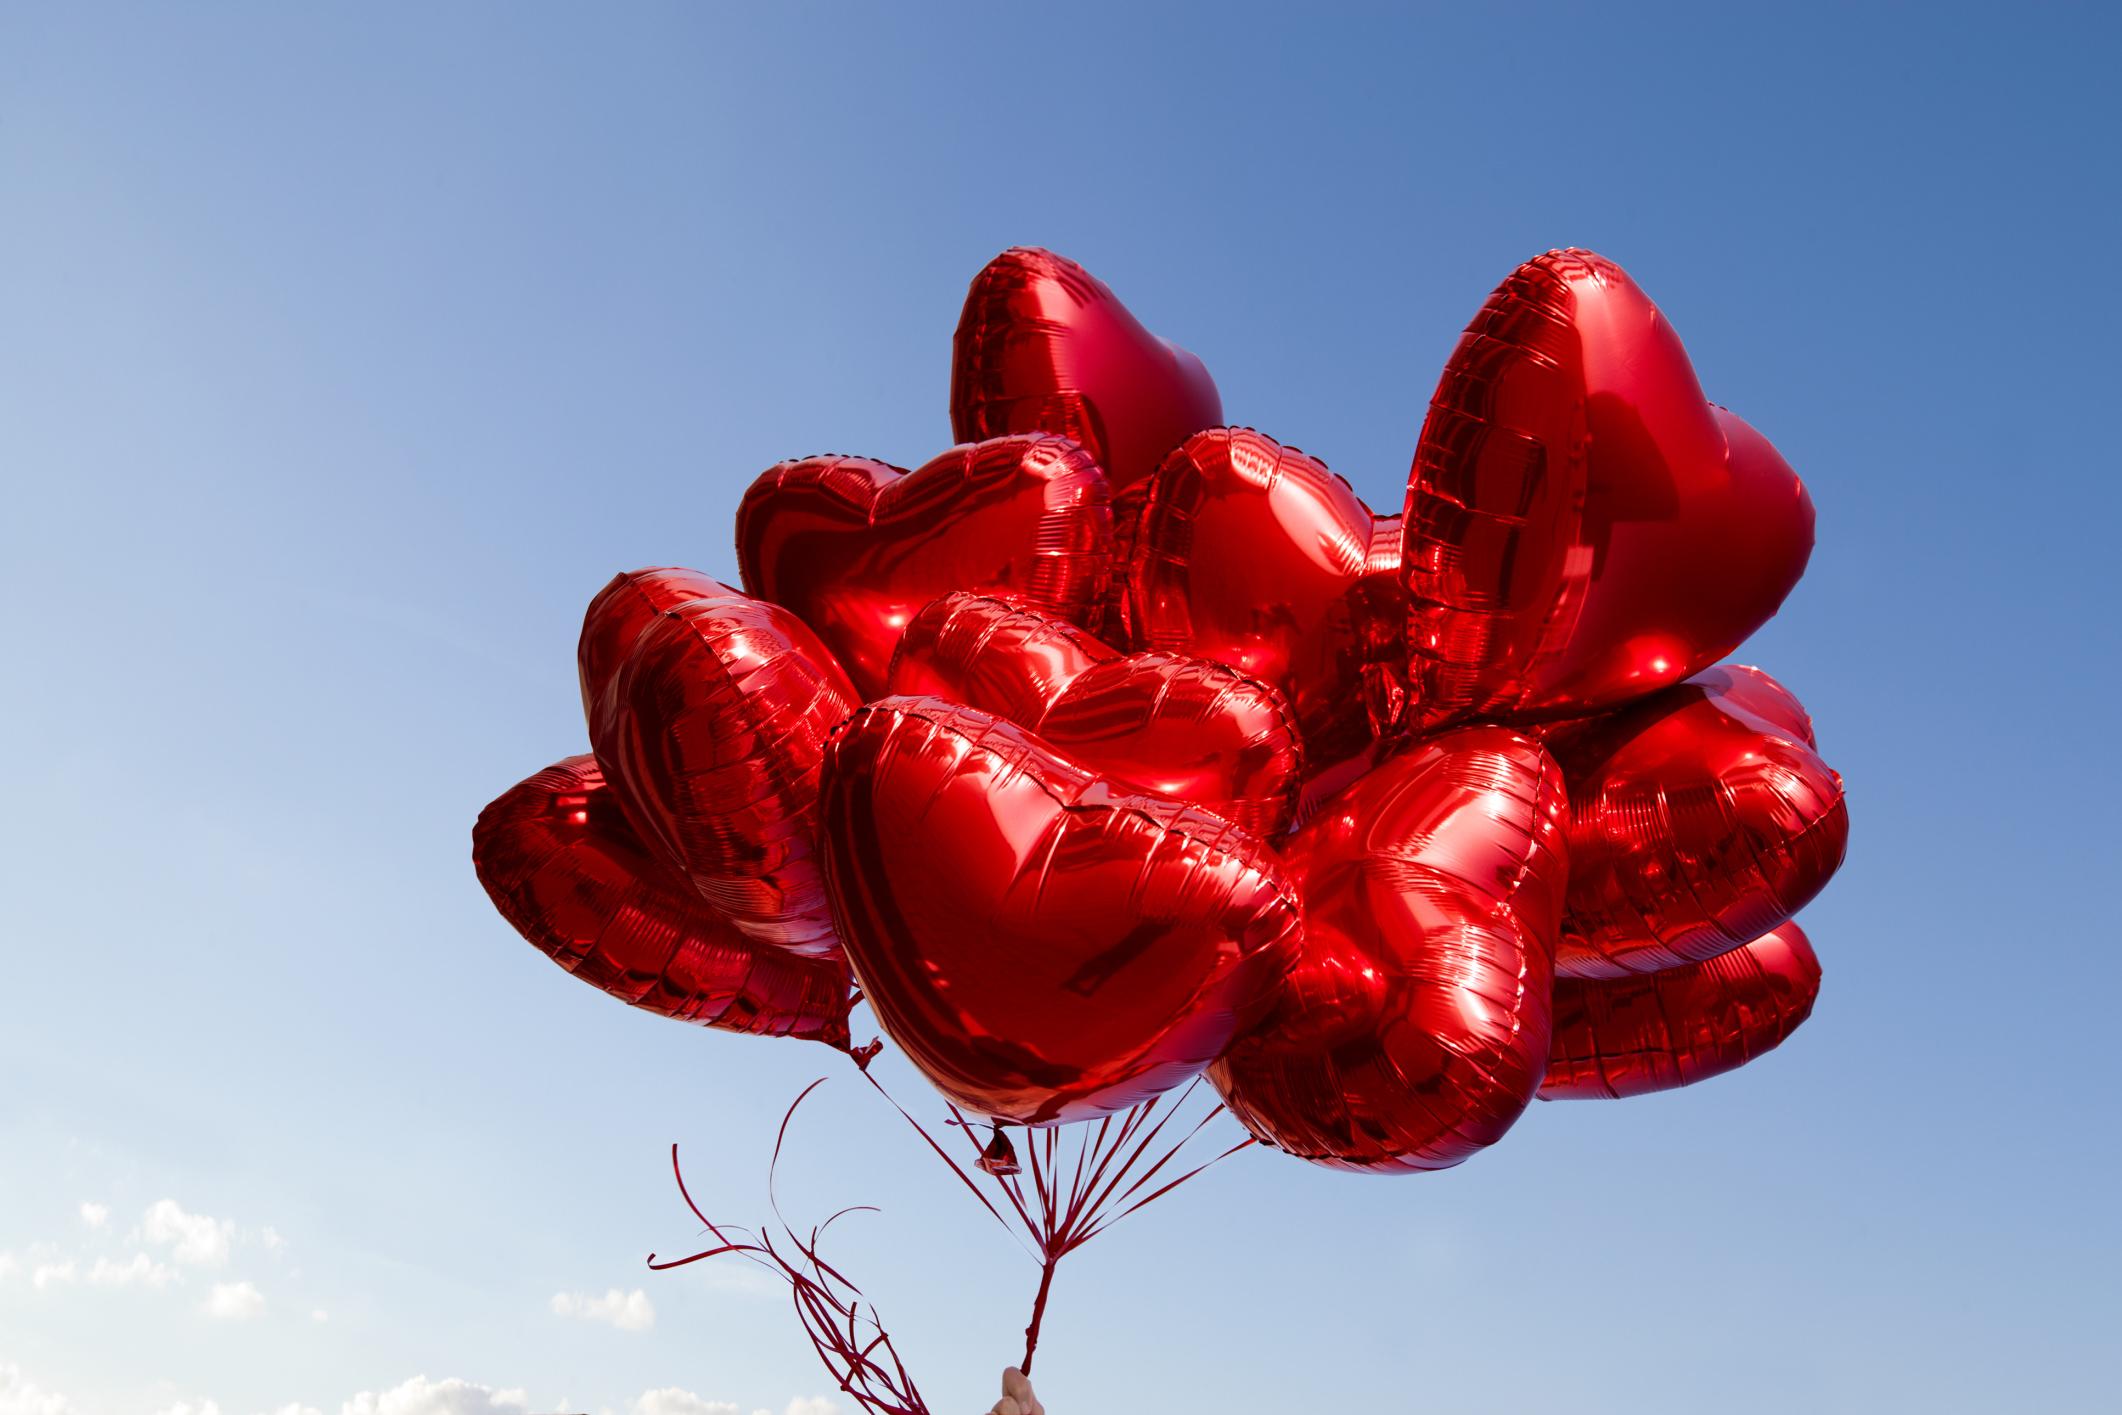 Sorpresas baratas para tu pareja un llavero con citas - Que hacer para sorprender a tu pareja ...